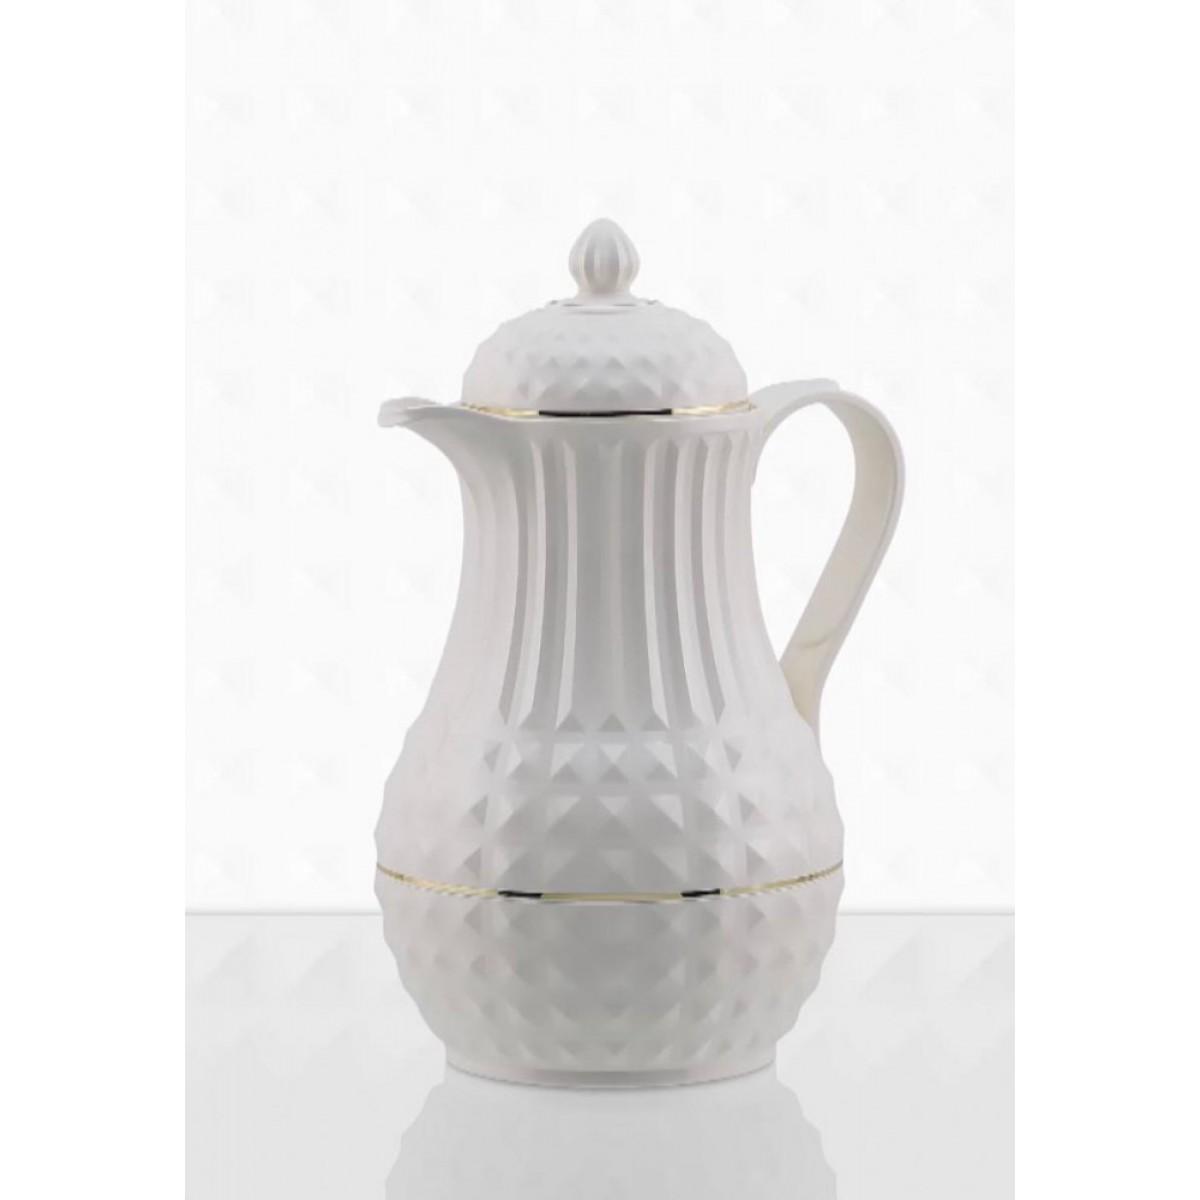 ترمس شاي وقهوة , روز , مقاس 0.60 لتر رقم 52099